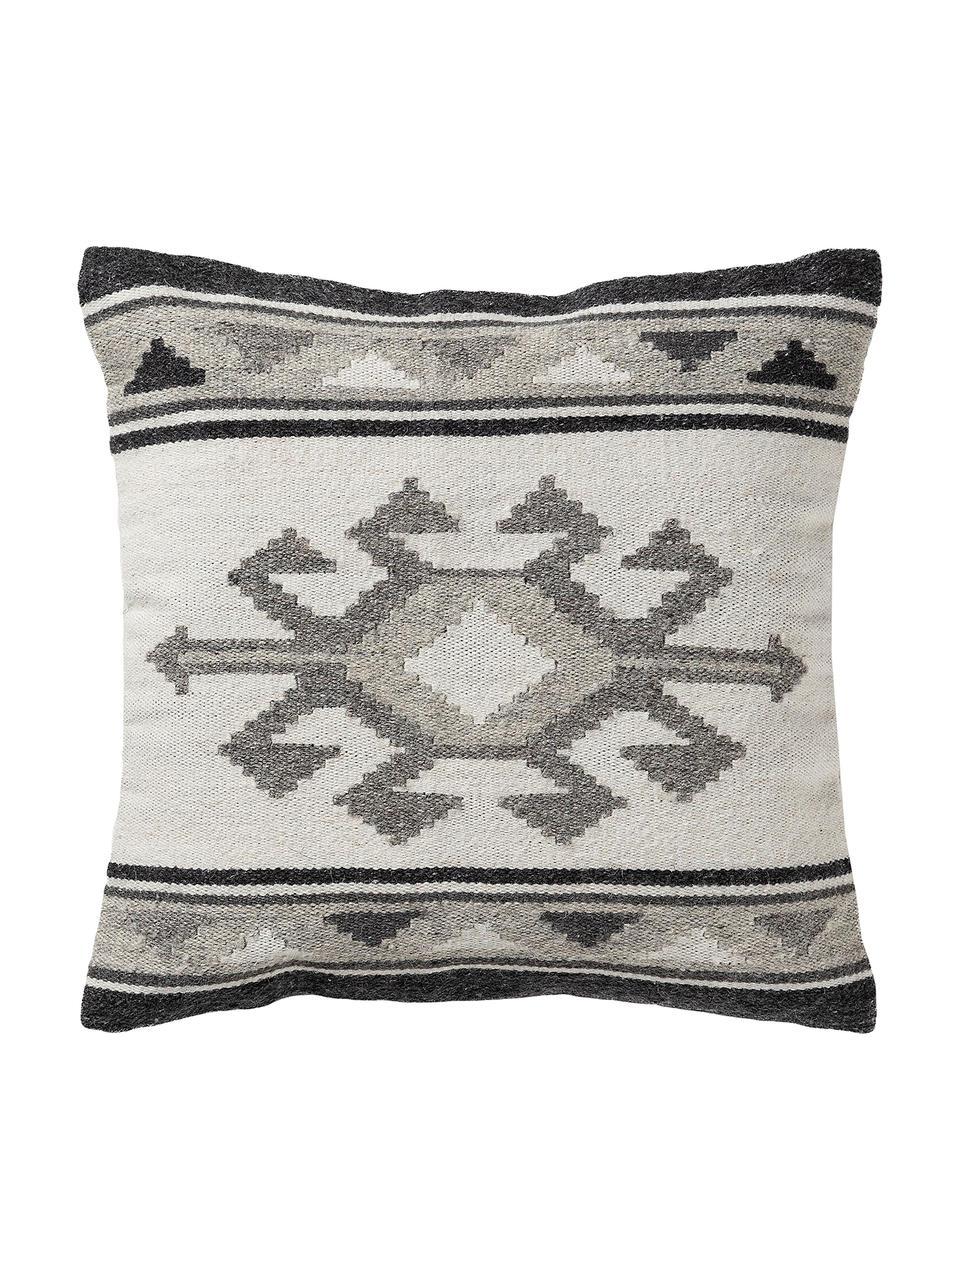 Kissenhülle Dilan mit Ethnomuster in Dunkelgrau/Grau aus Wolle, 80% Wolle, 20% Baumwolle, Grautöne, 45 x 45 cm